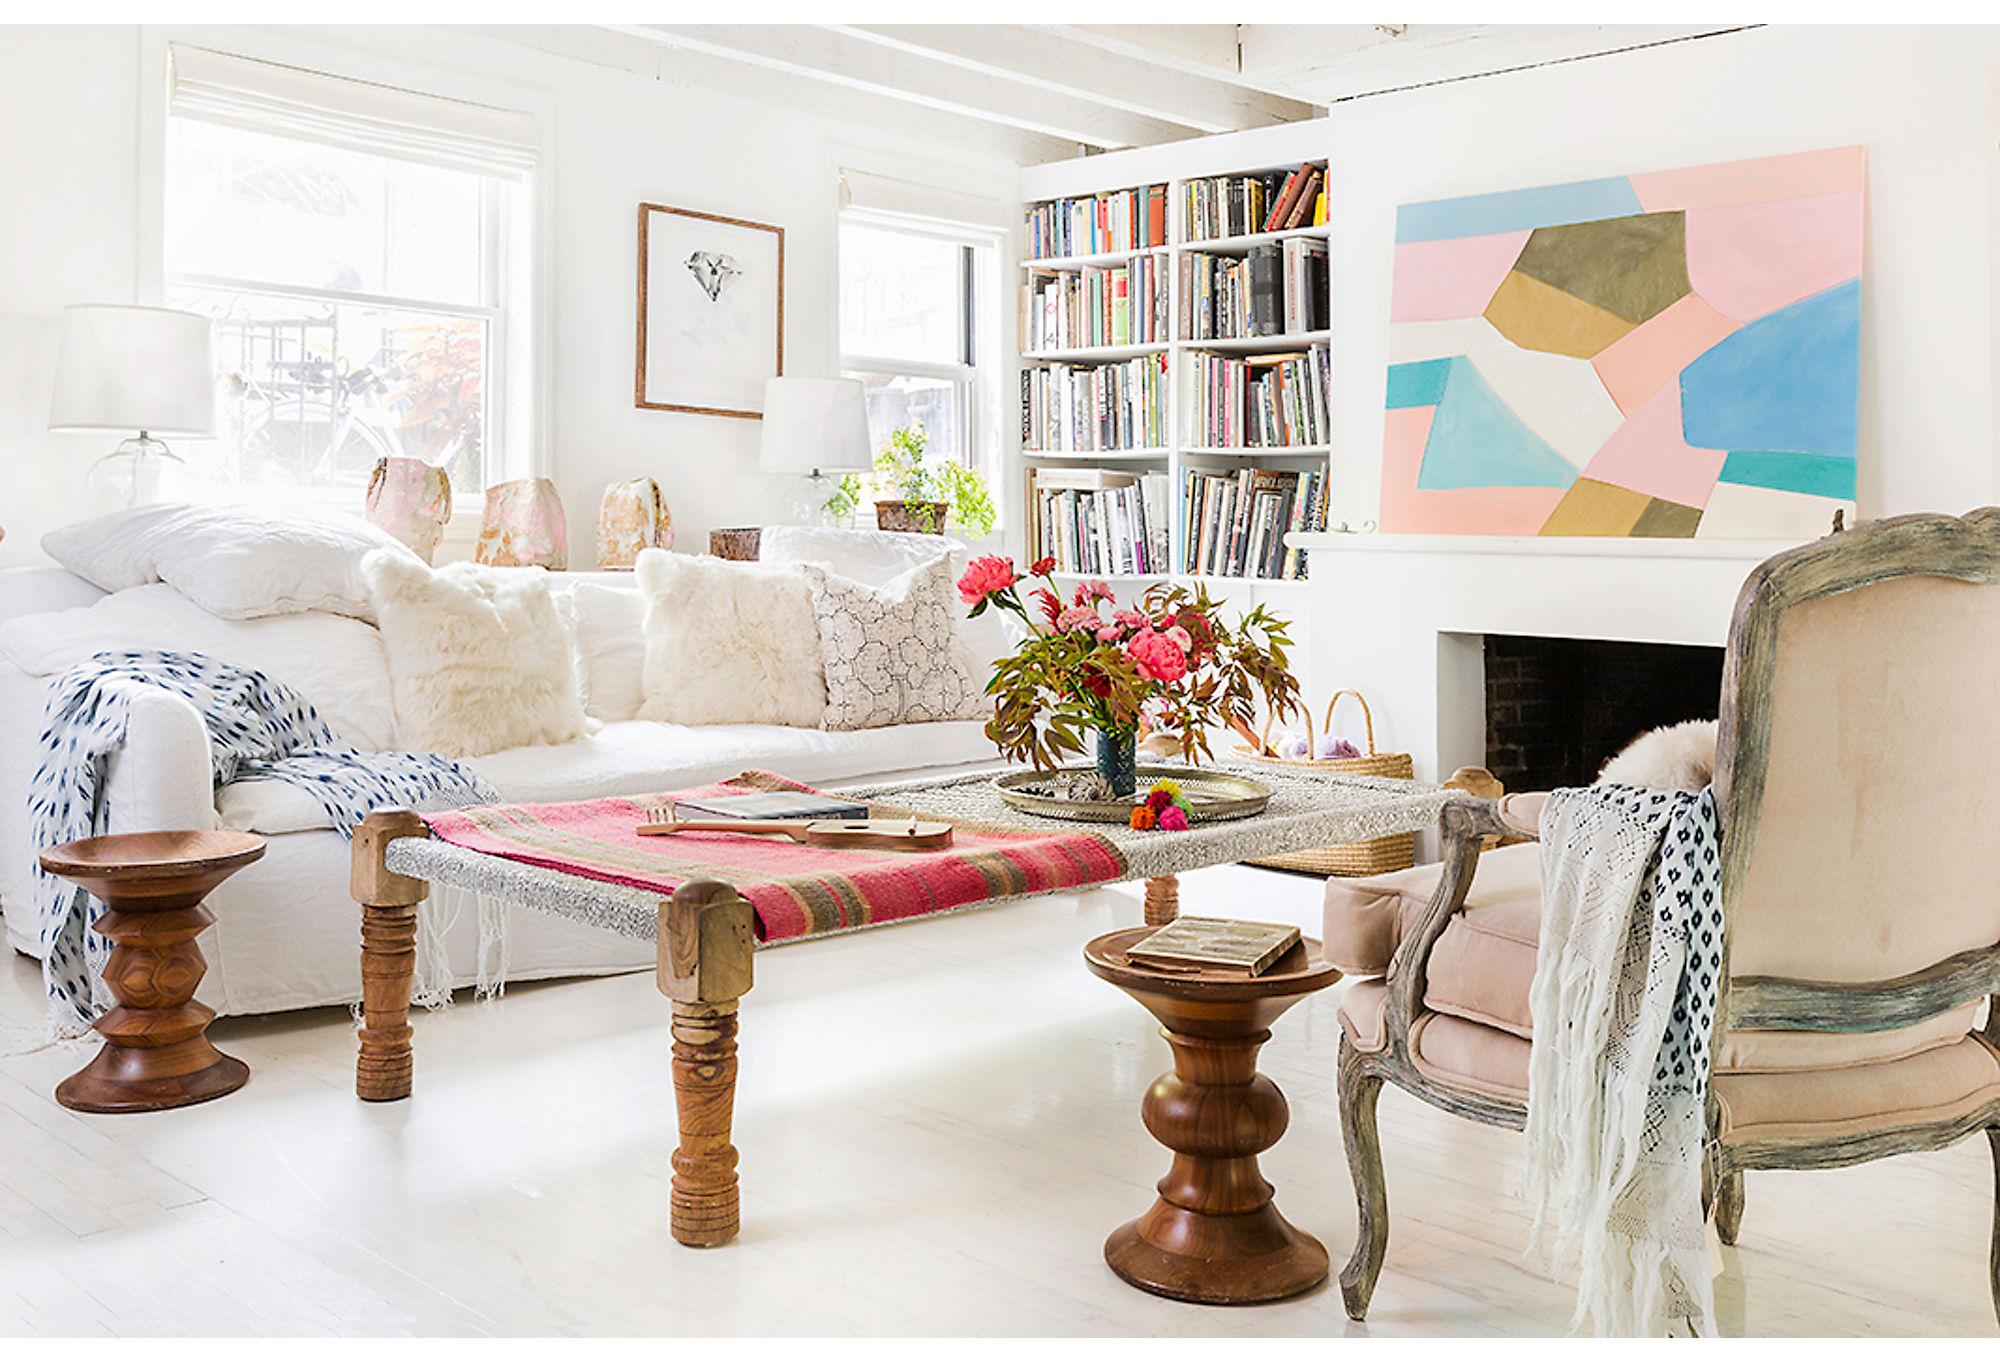 гостиная камин деревянный пол диван подушки столик кресло